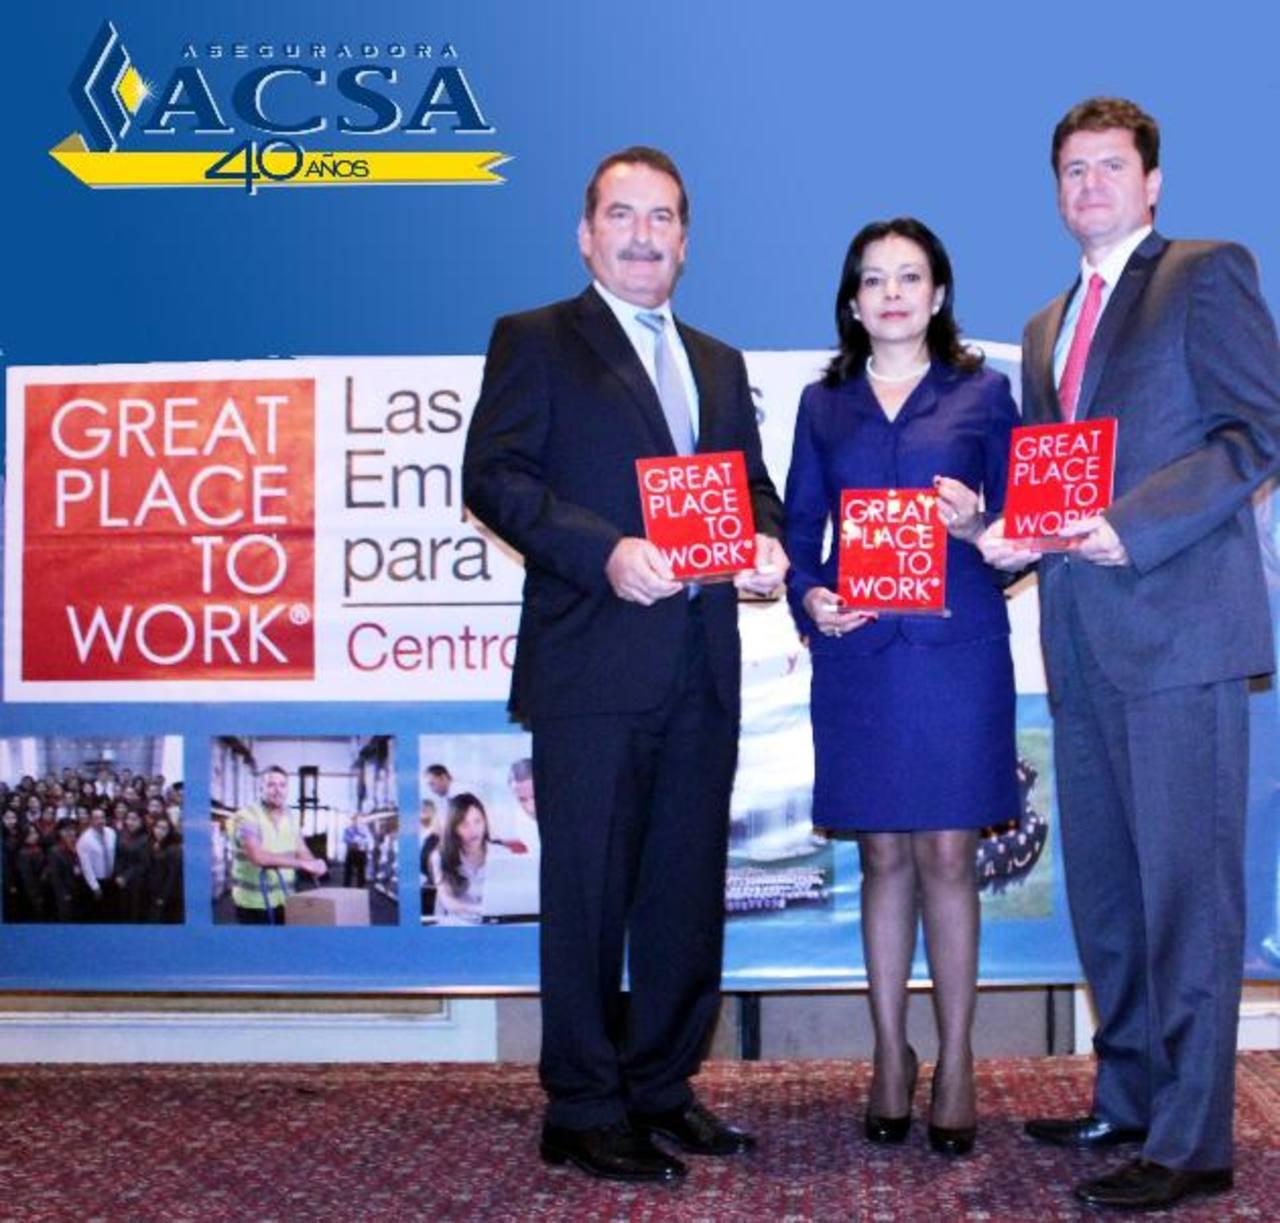 De izq. der.: Luis Escalante, presidente de ACSA; Doris de García y Carlos Fernández, de ACSA.